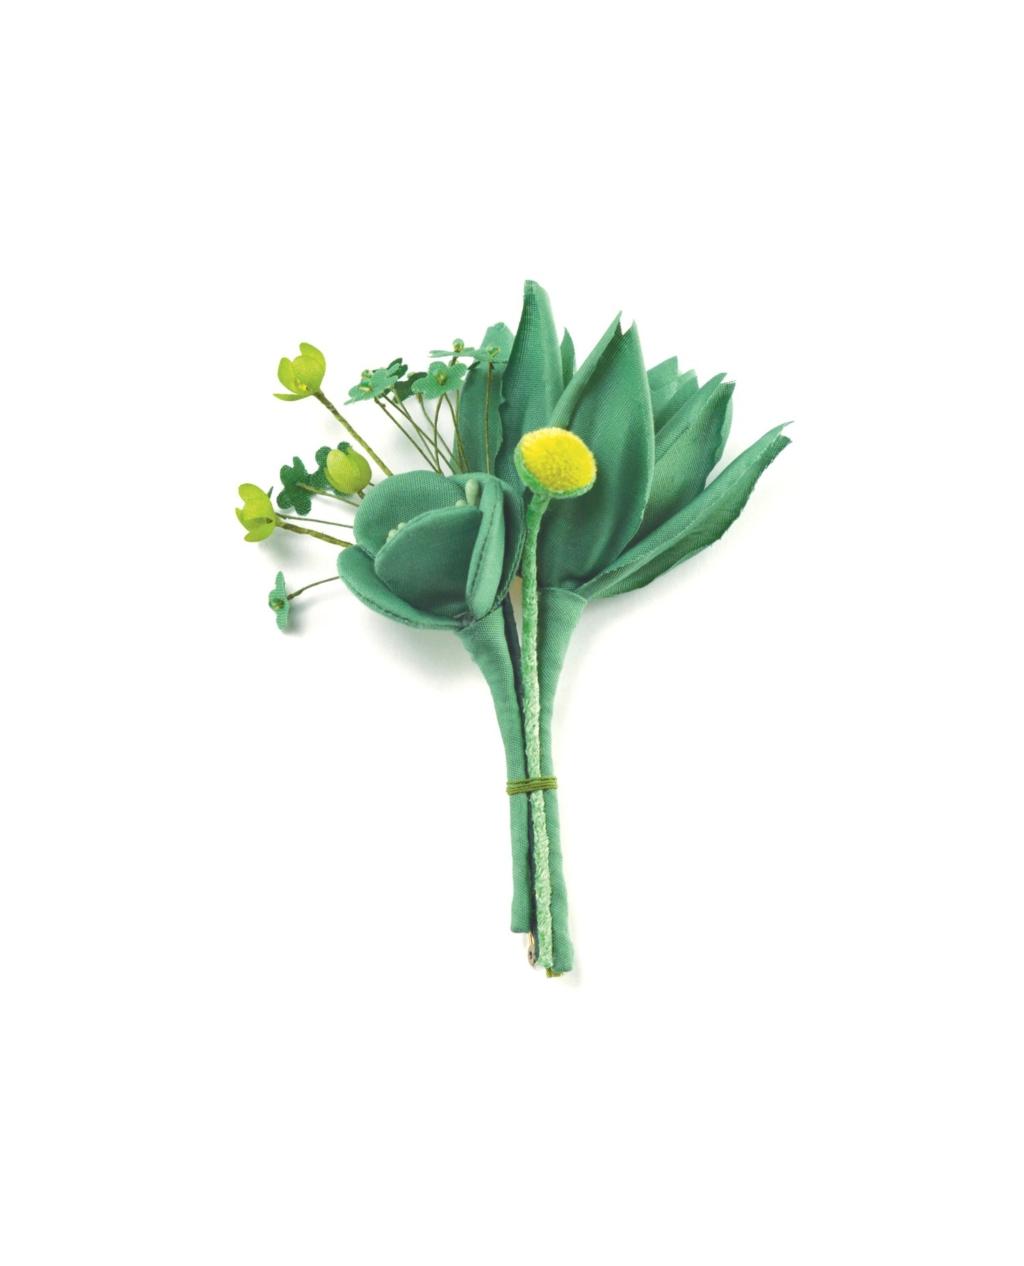 isee-produit-magdalena-n176